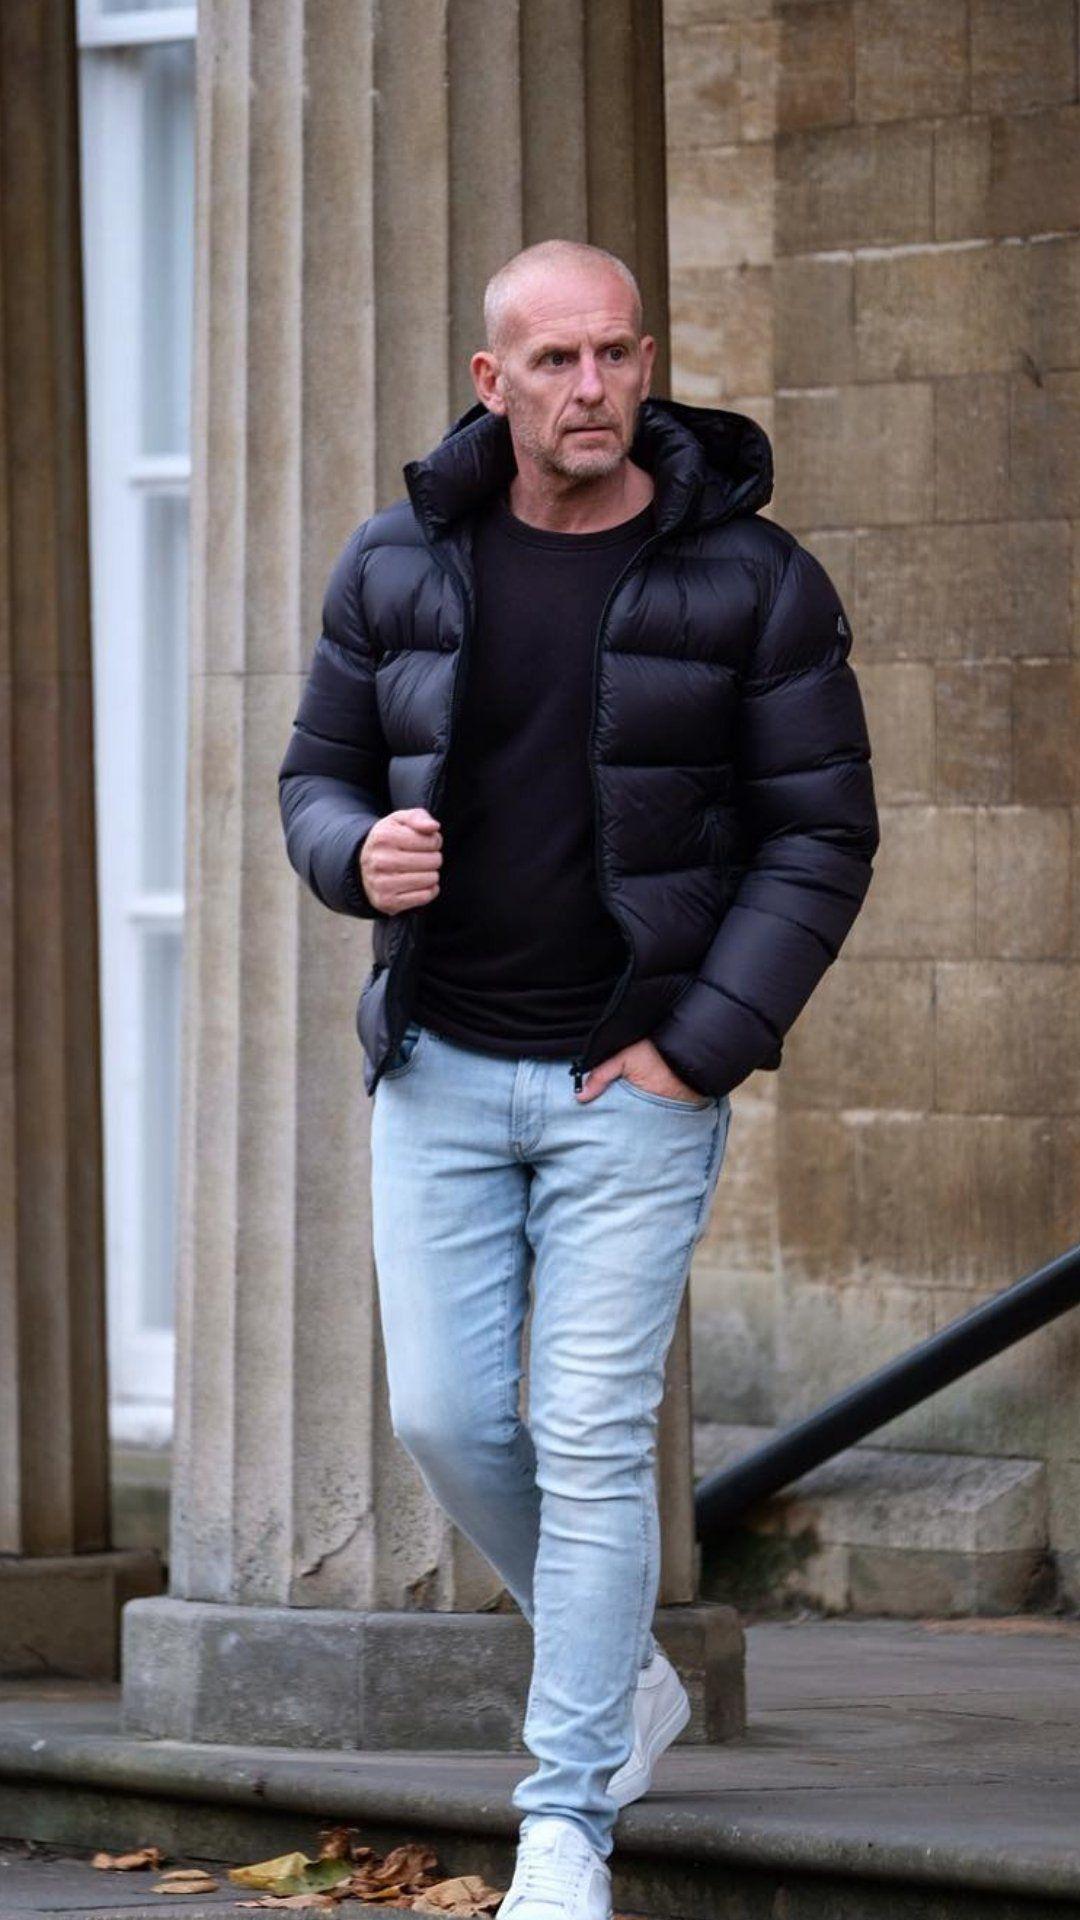 Top 5 Street Style Looks For Bald Men In 2019 Bald Men